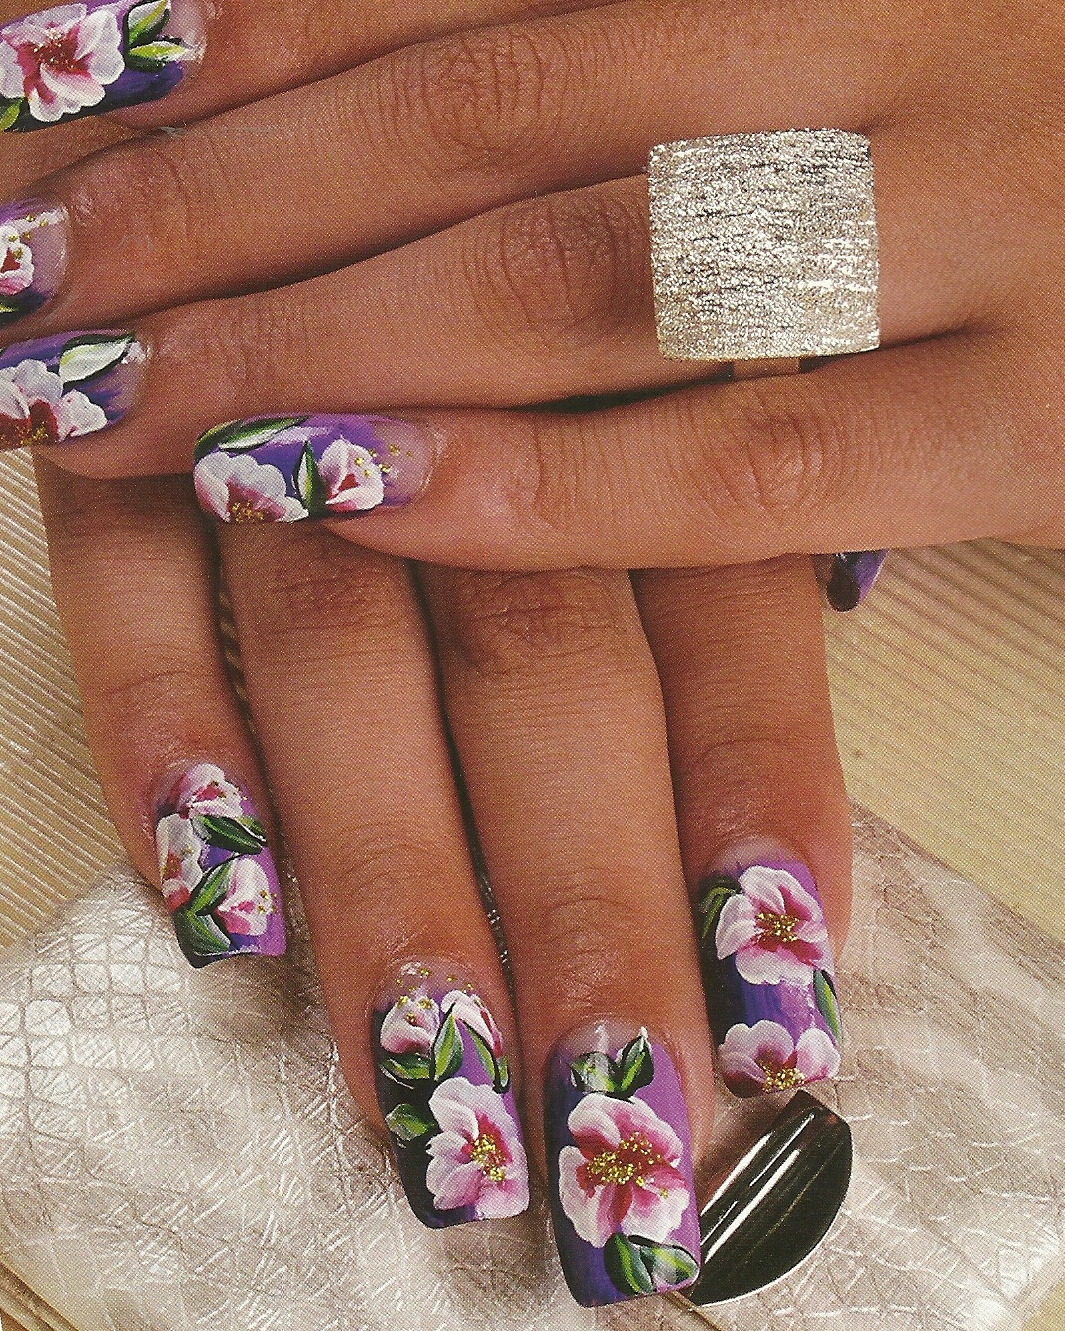 Todo sobre manos y pies dise o de u as color lila con flores for Diseno sobre